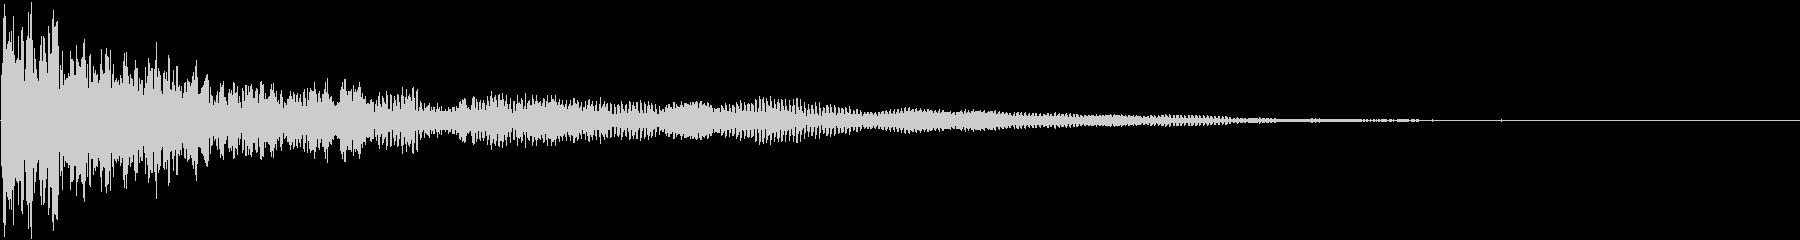 【衝撃音】ダーンッ!!_02の未再生の波形